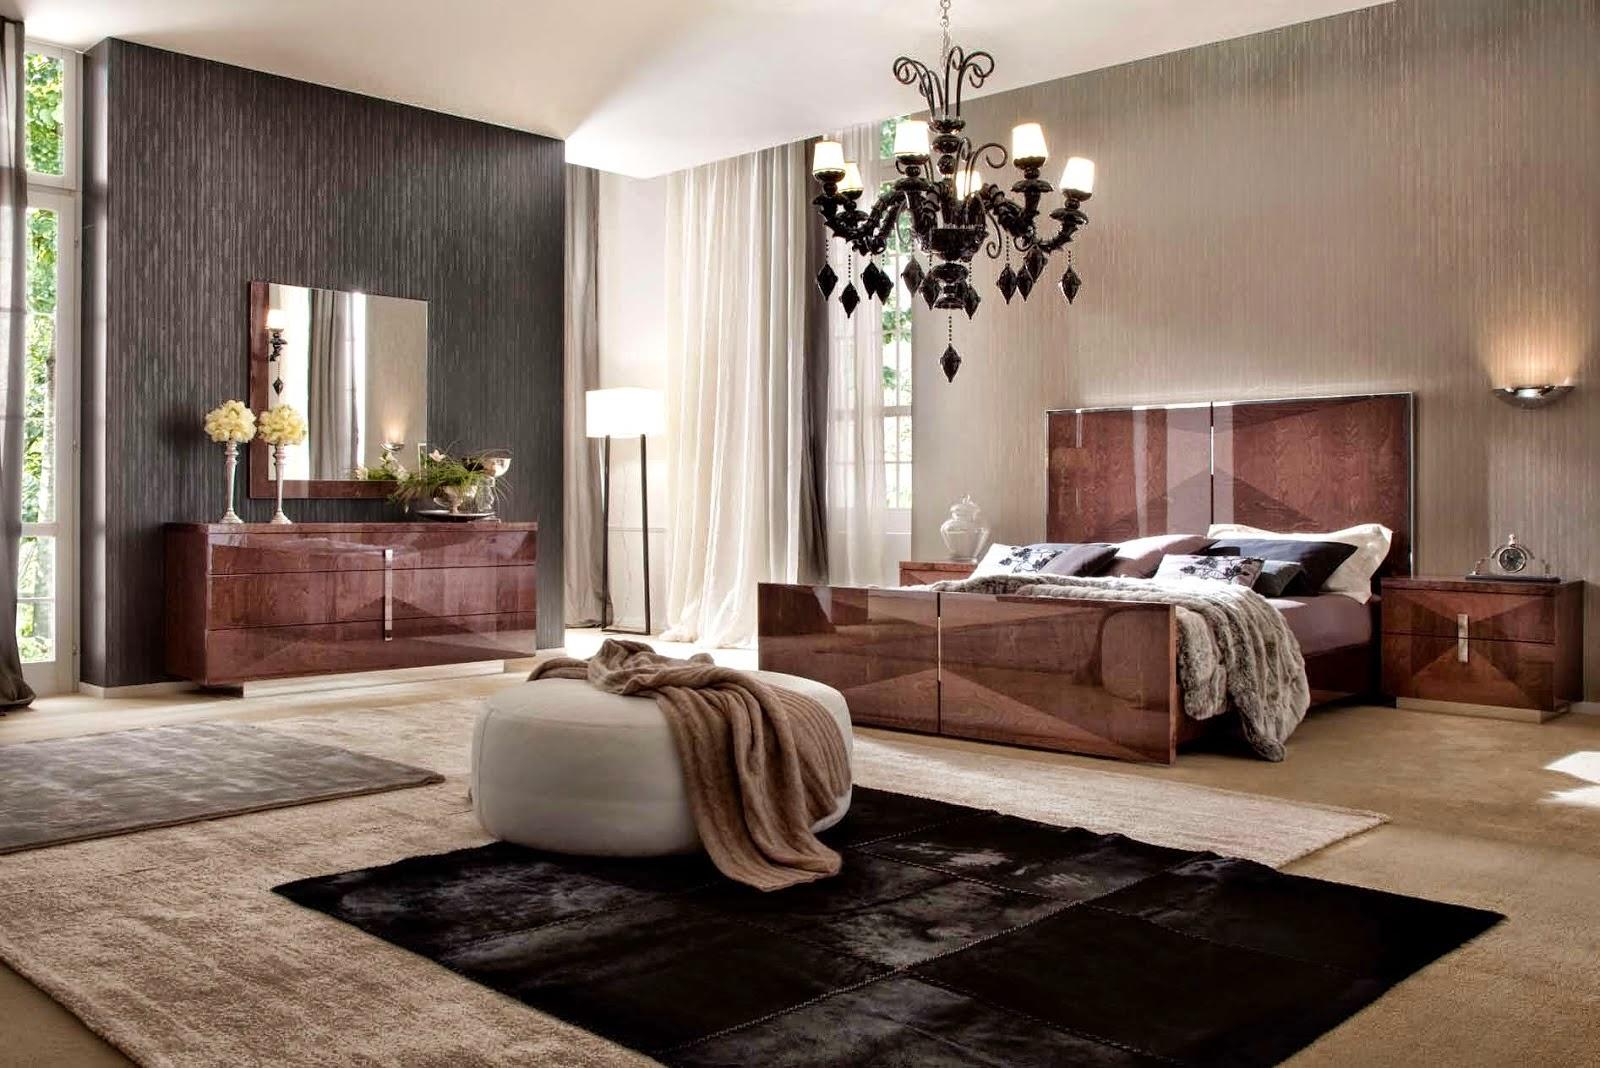 couleurs peinture pour toutes les chambres. Black Bedroom Furniture Sets. Home Design Ideas